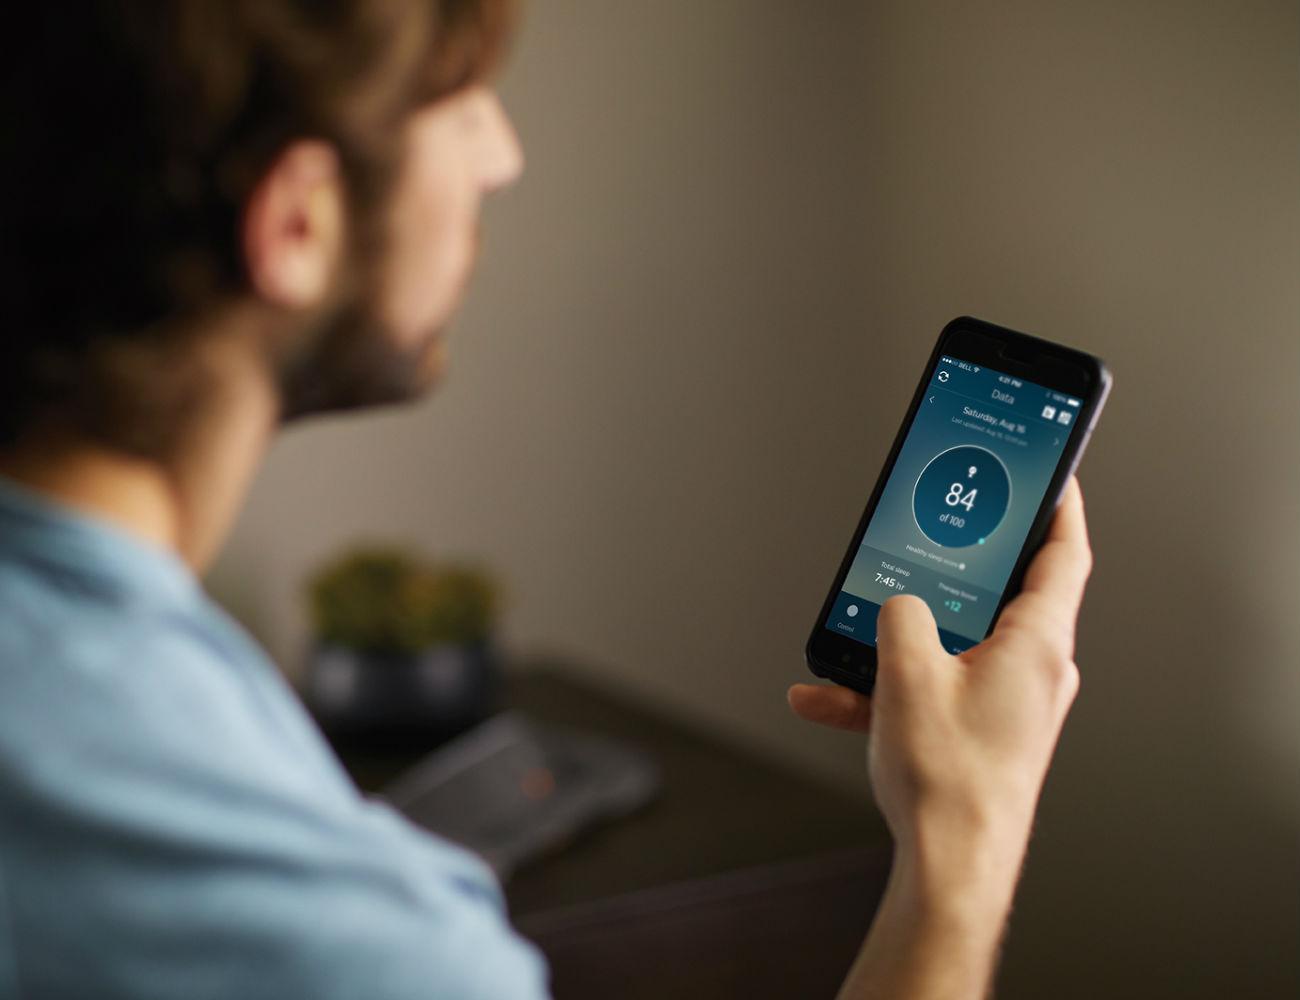 10 Sleep tech gadgets to help you get some shuteye - smartsleep 03